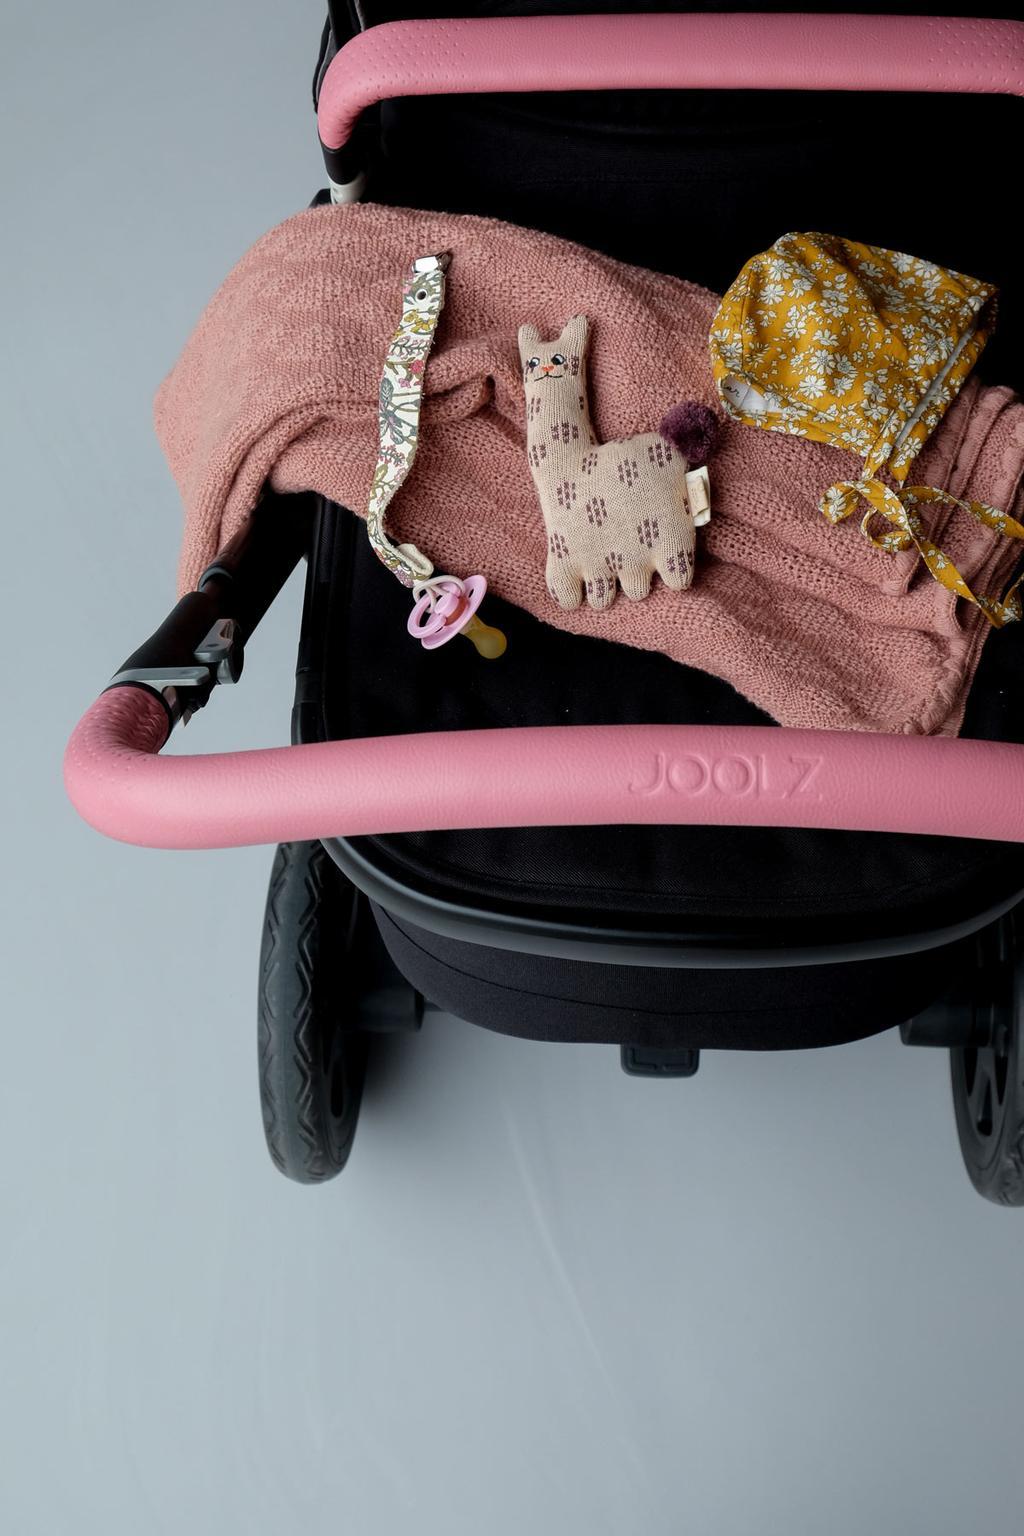 Kinderwagen van het merk Jools met roze accenten.